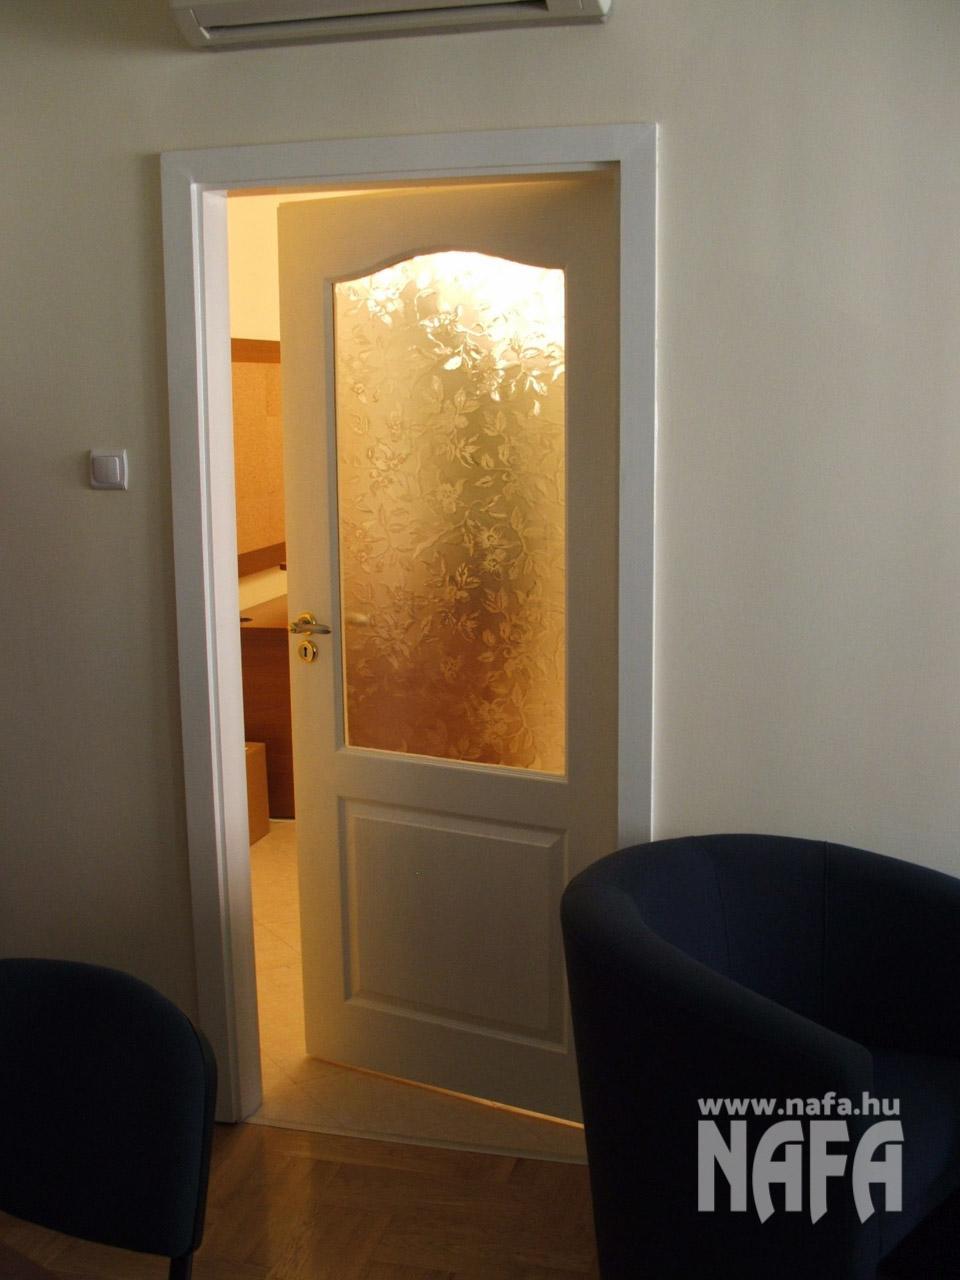 Doorpan belsőajtó Kaposvár Irodaház